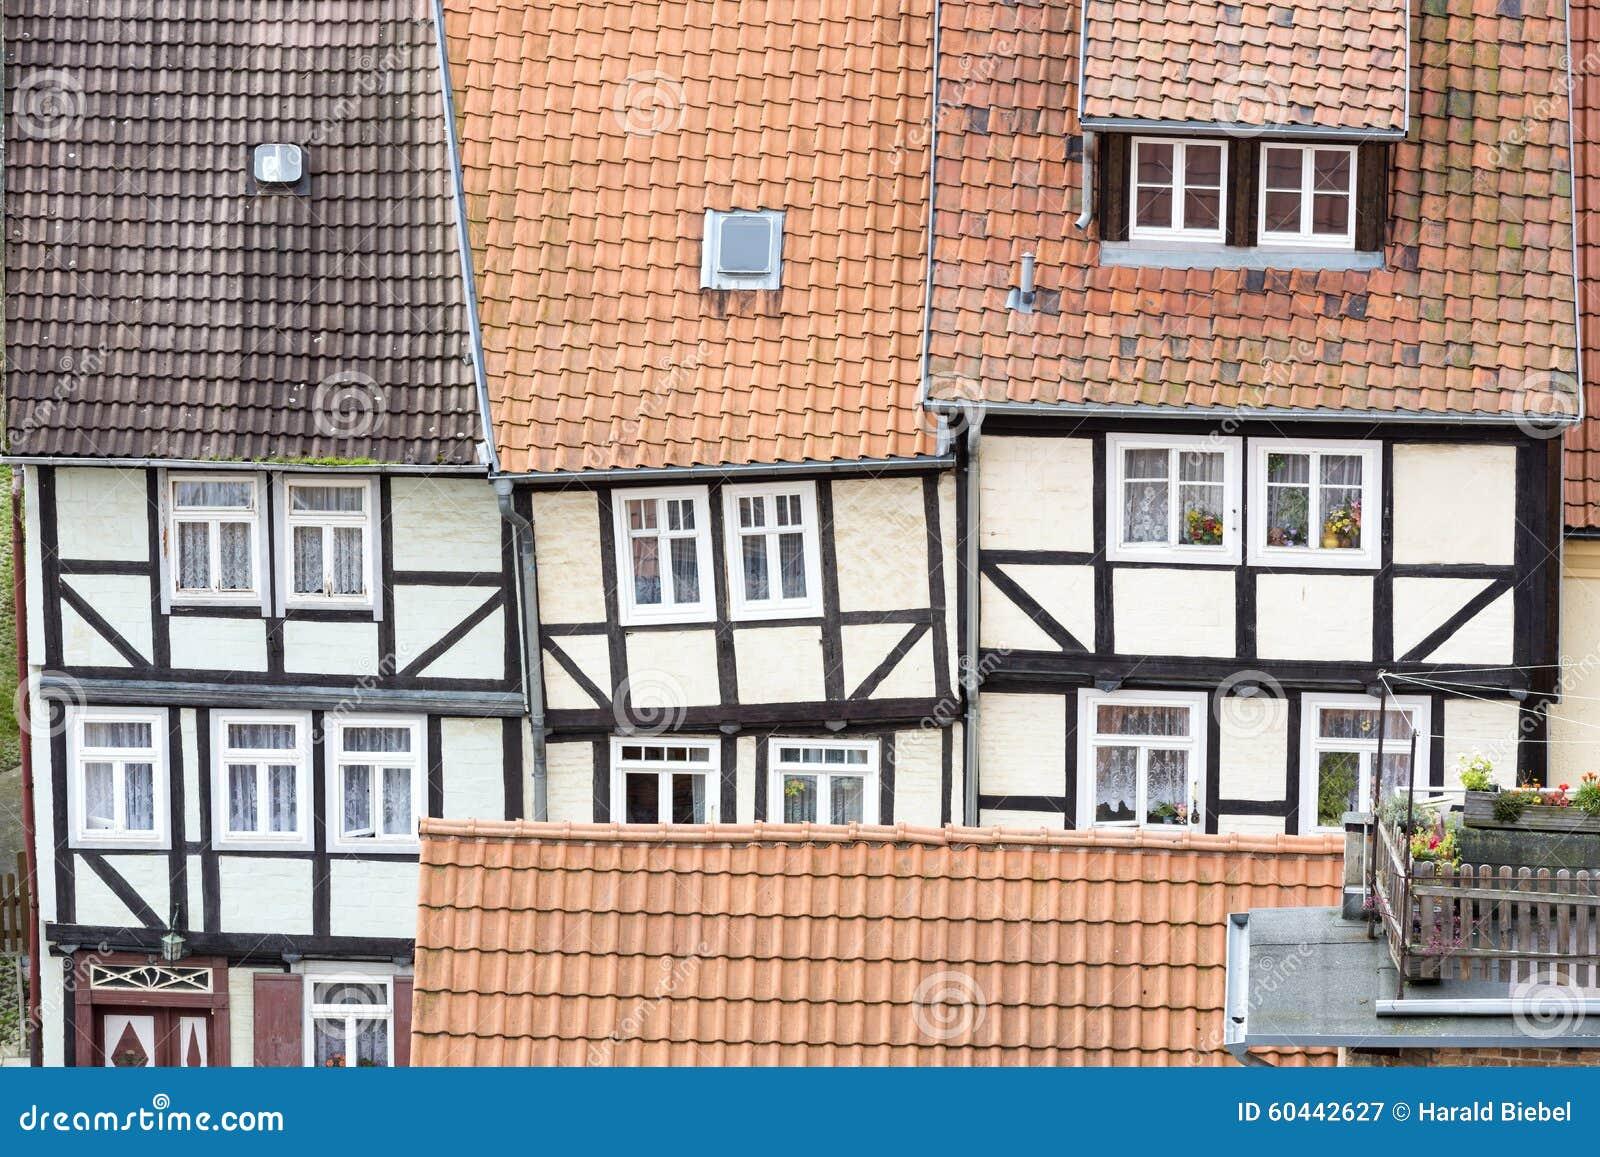 Tejados renovados de casas de entramado de madera foto de for Tejados de madera casas